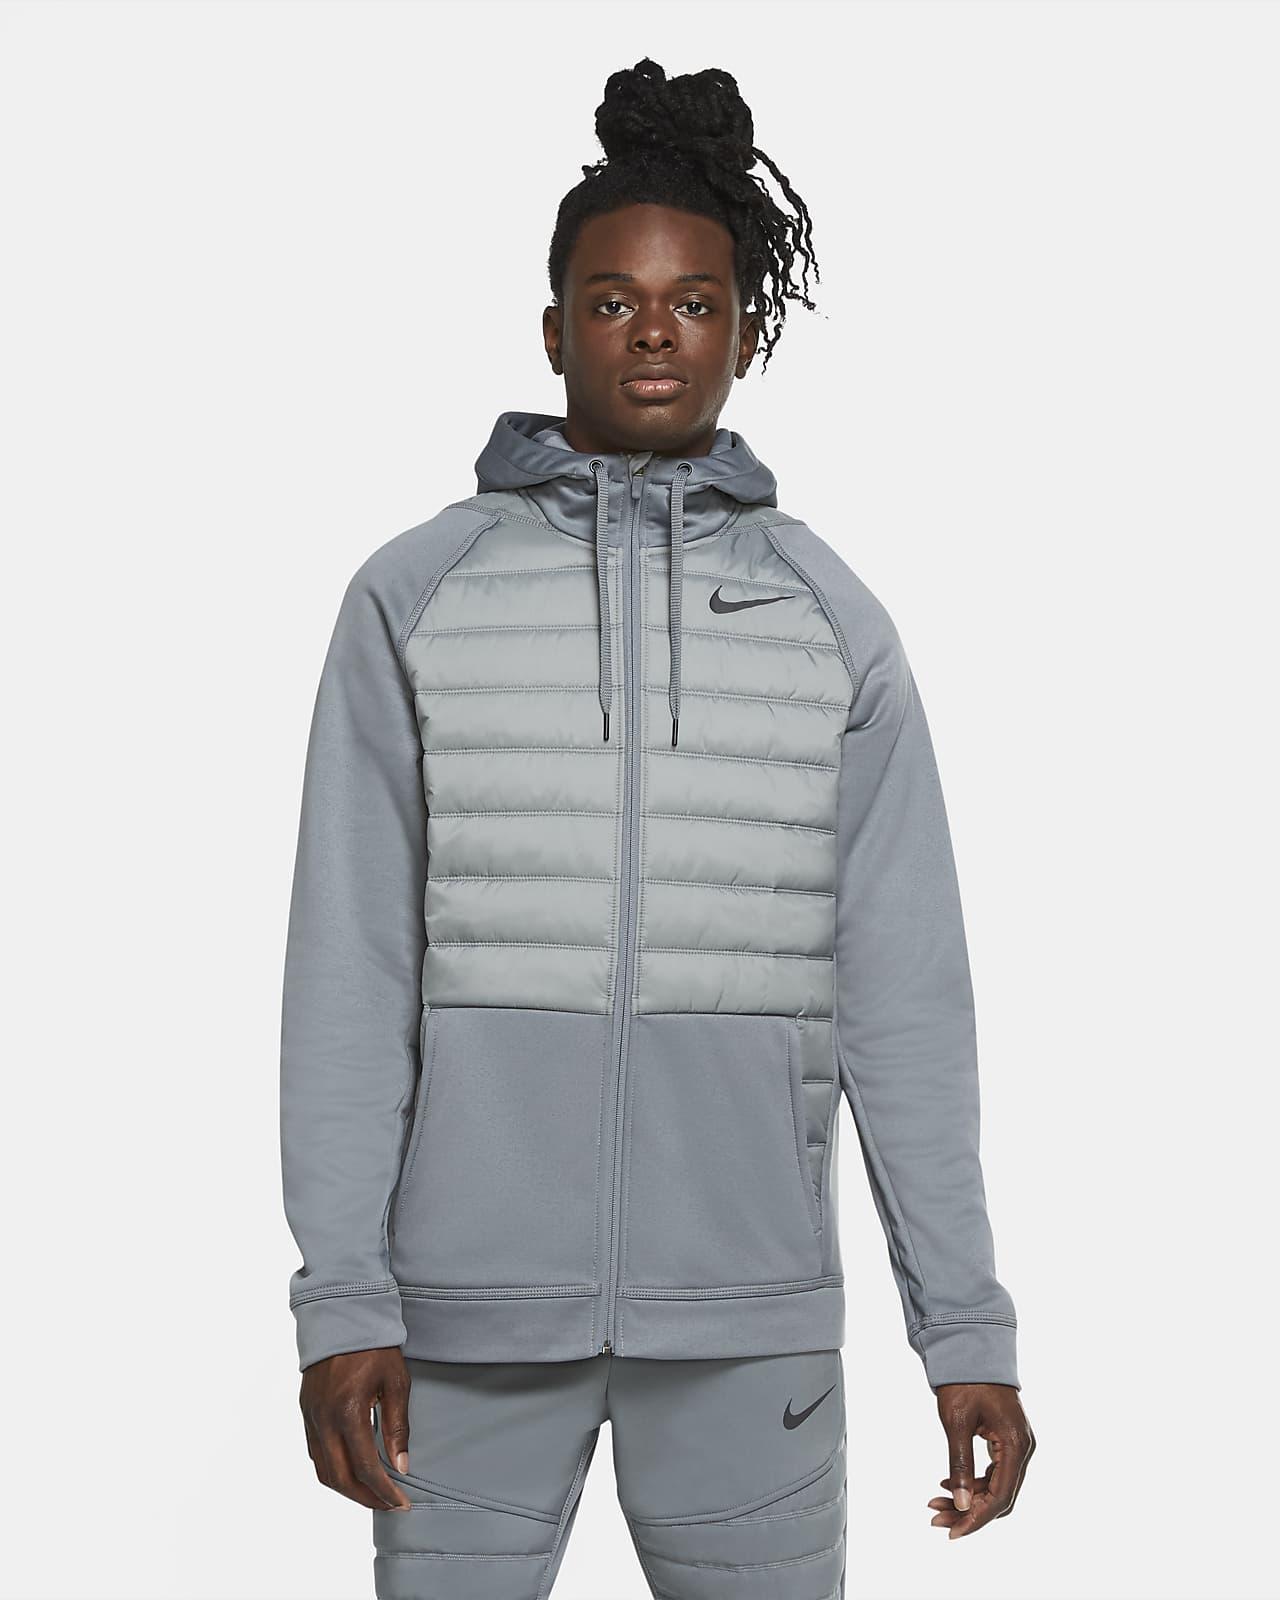 Pánská tréninková bunda Nike Therma s dlouhým zipem